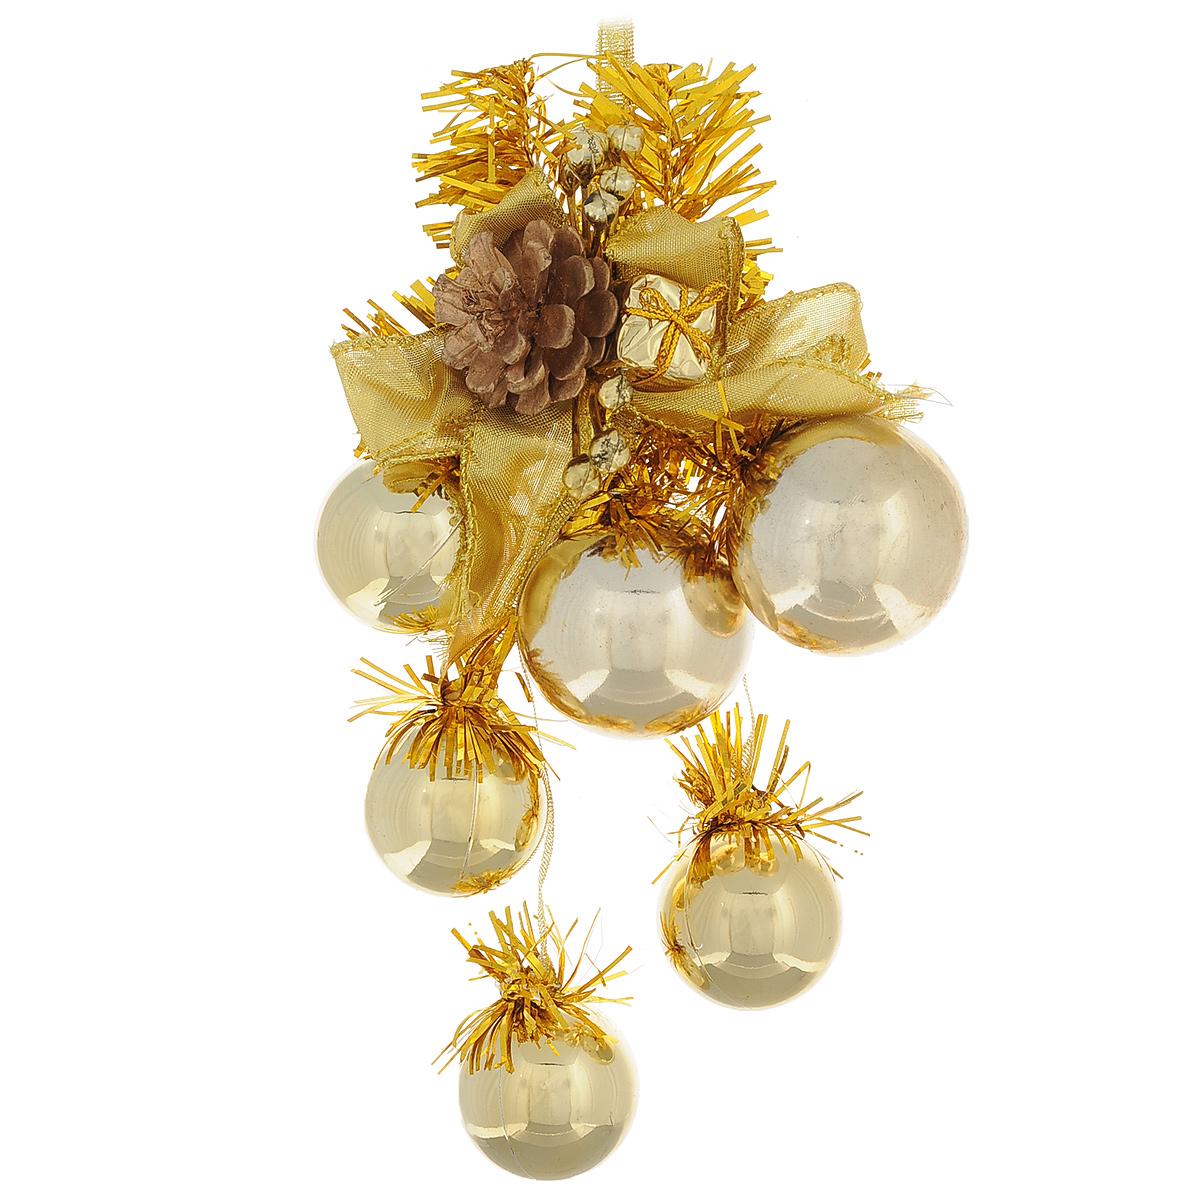 Новогоднее подвесное украшение Шарики, цвет: золотистый. 3072930729Оригинальное новогоднее украшение из пластика прекрасно подойдет для праздничного декора дома и новогодней ели. Изделие крепится на елку с помощью металлического зажима.